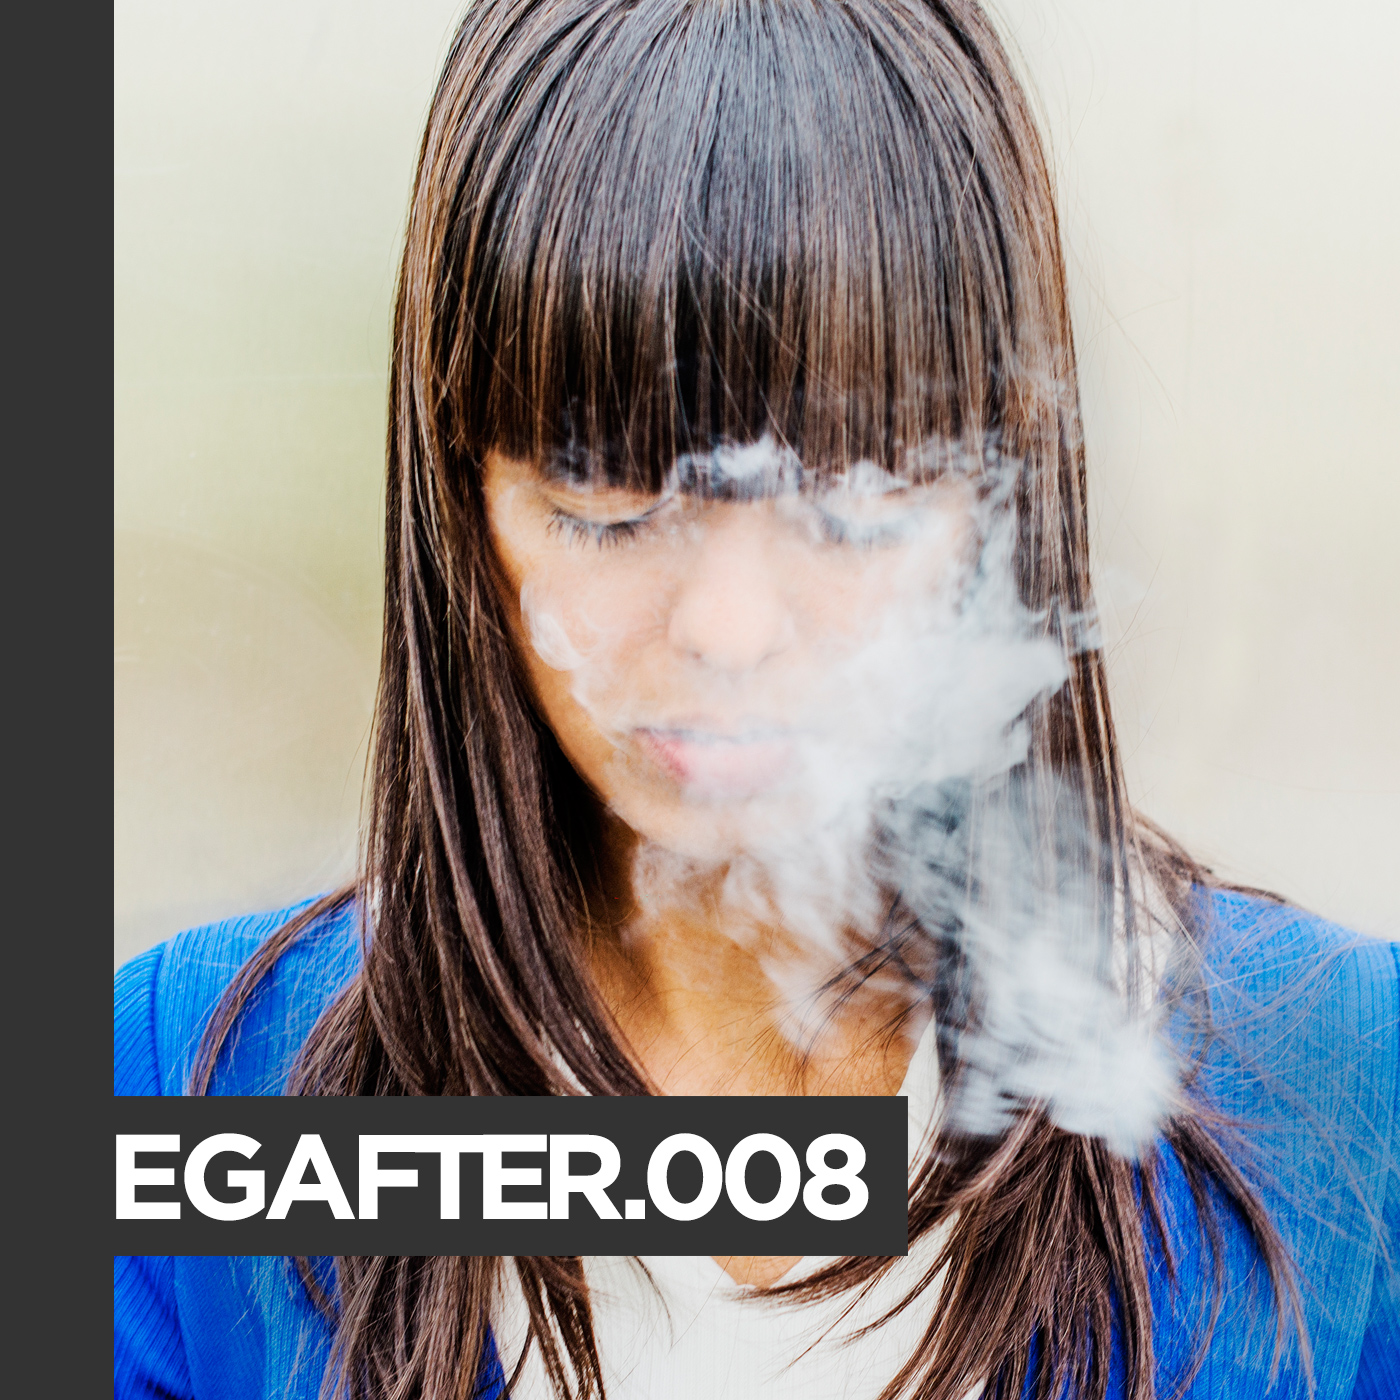 EGAFTER.008 Mira